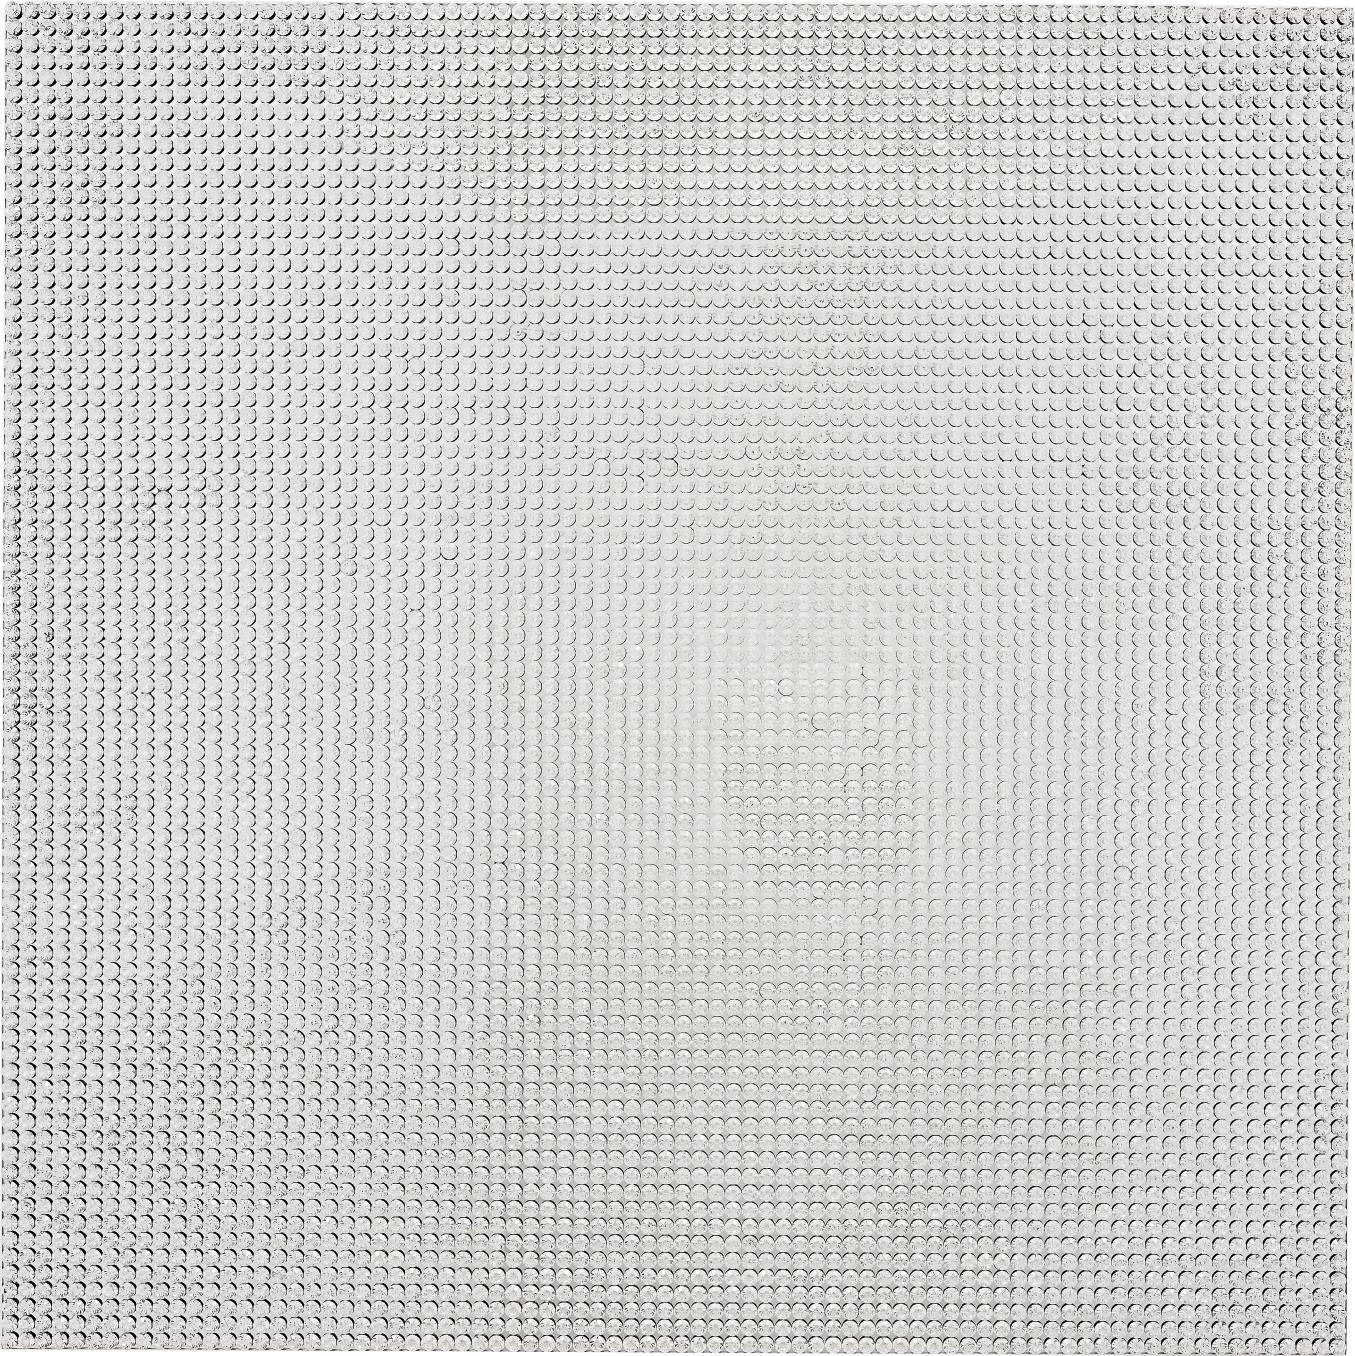 Sylvie Fleury-6658 (Diamonds)-2002